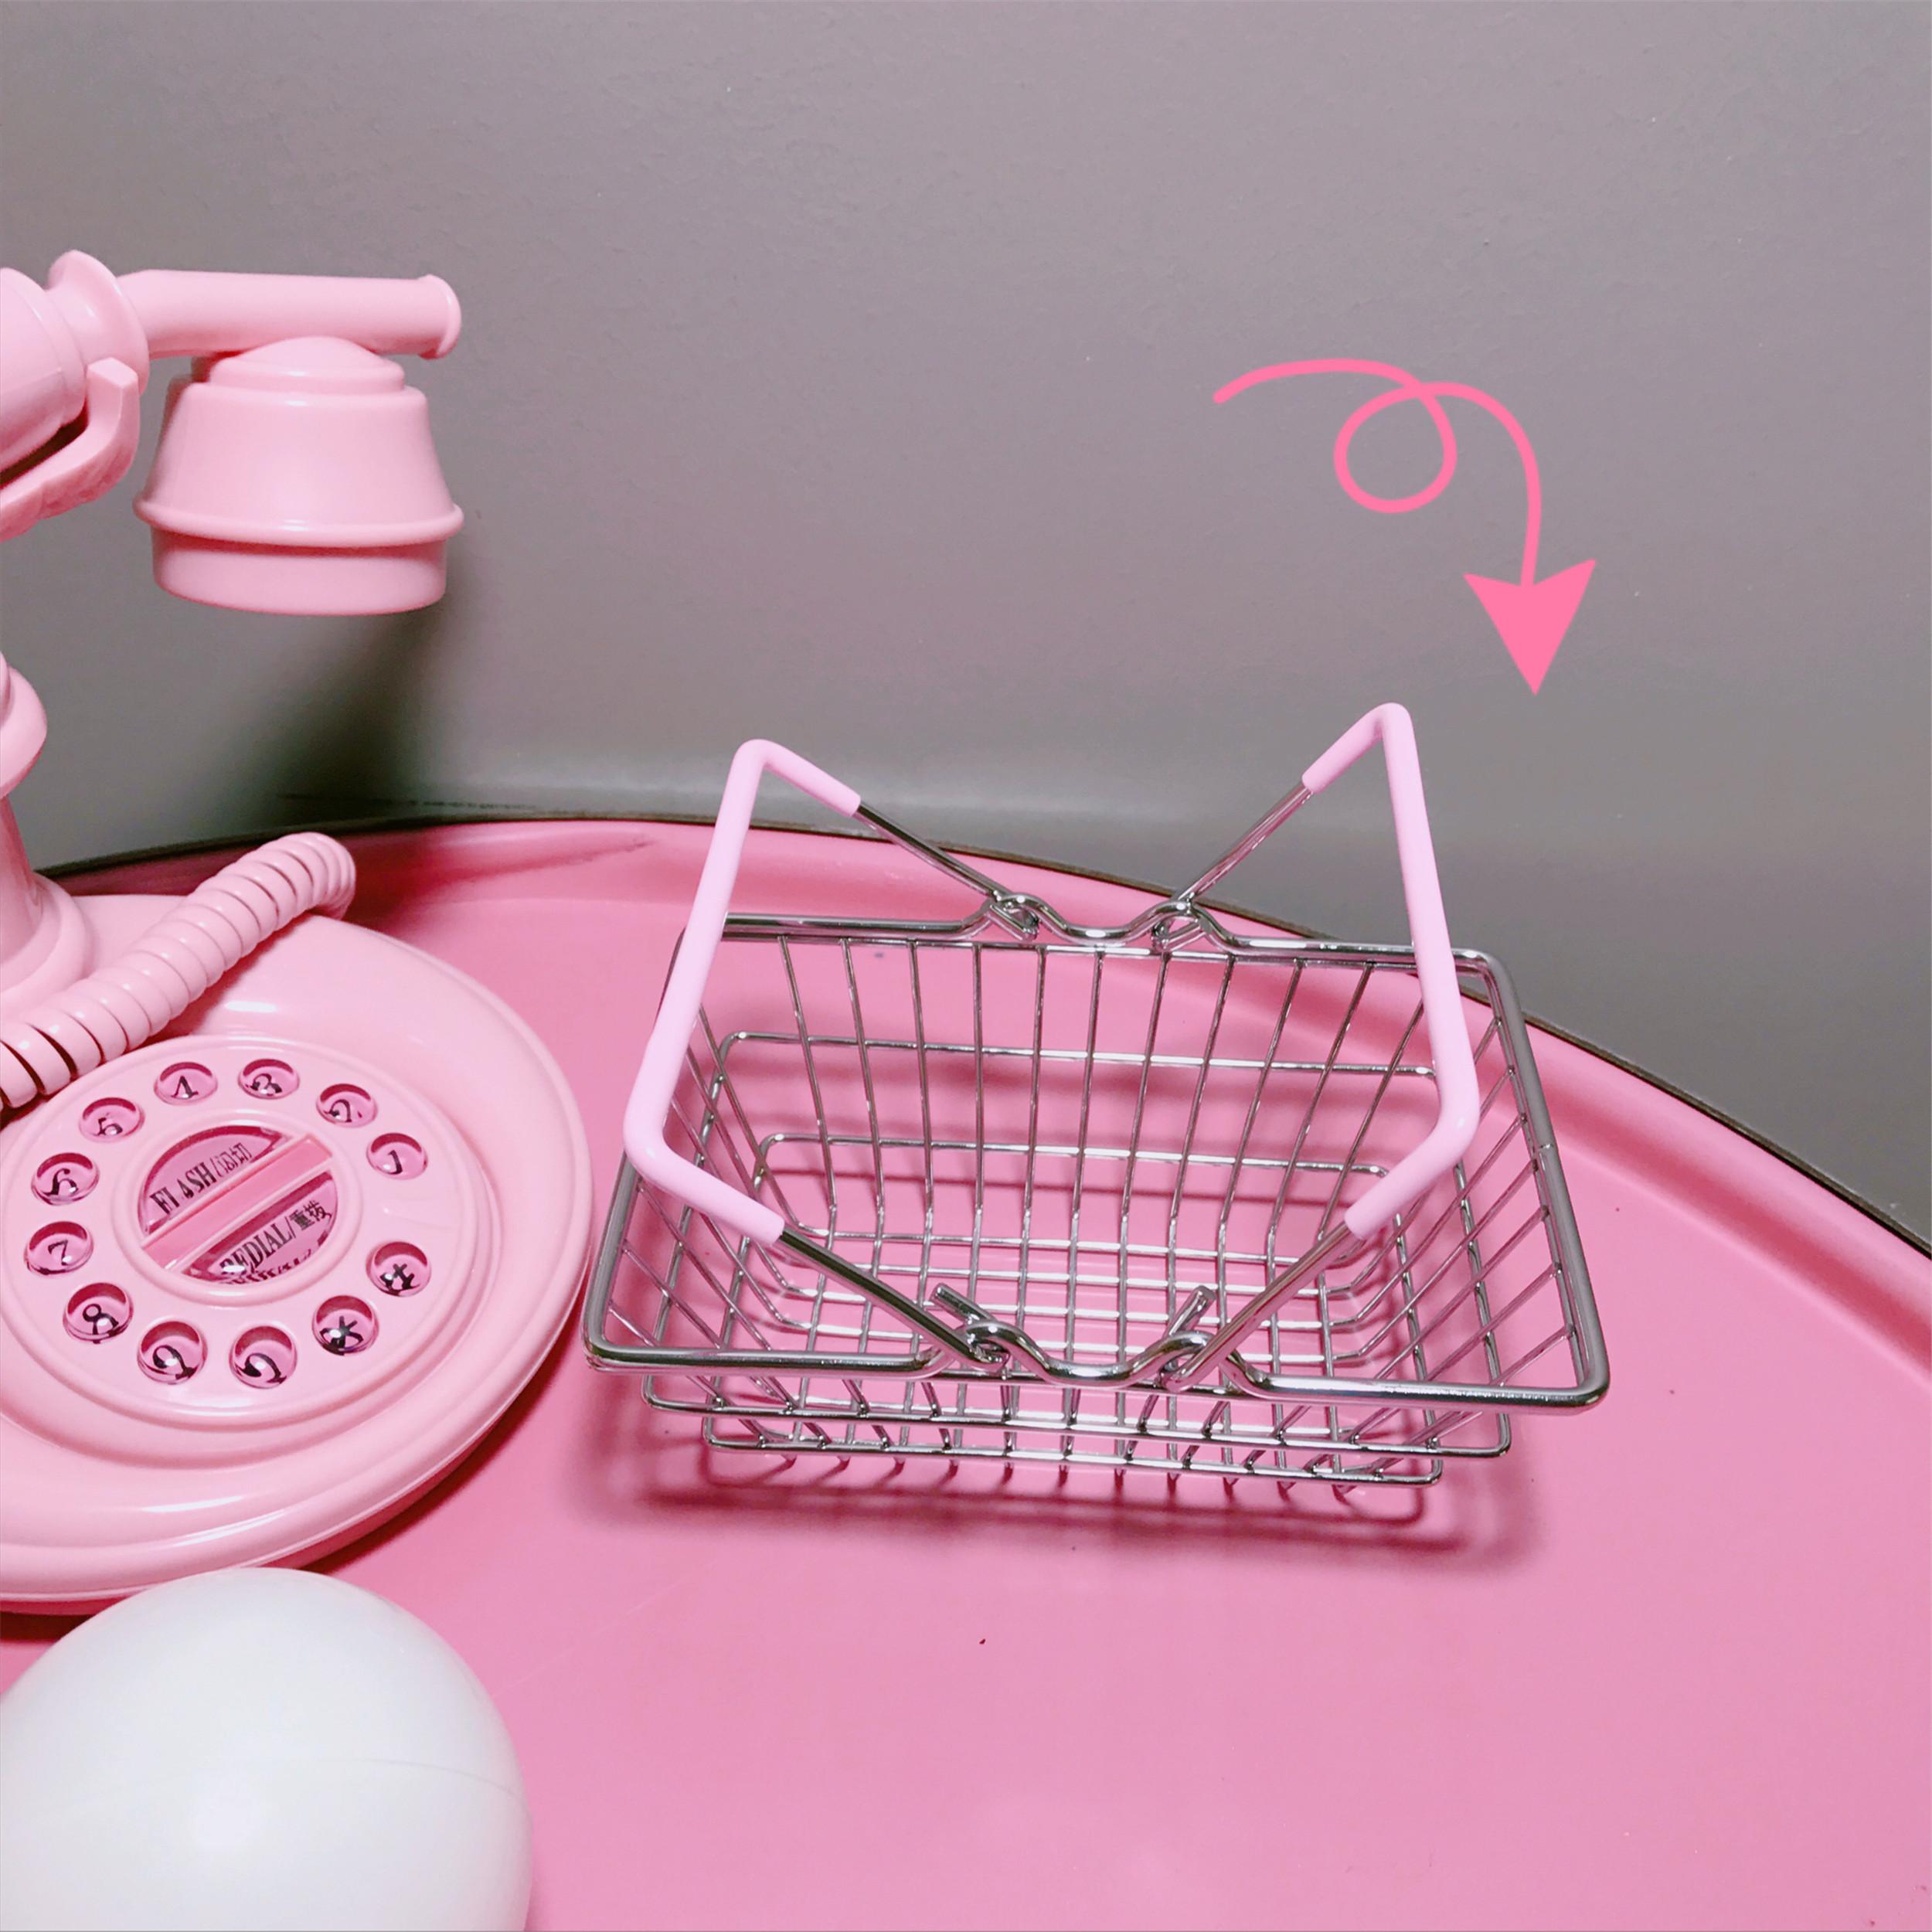 韩国网红同款少女心粉色铁艺迷你购物篮金属桌面收纳篮摆拍道具